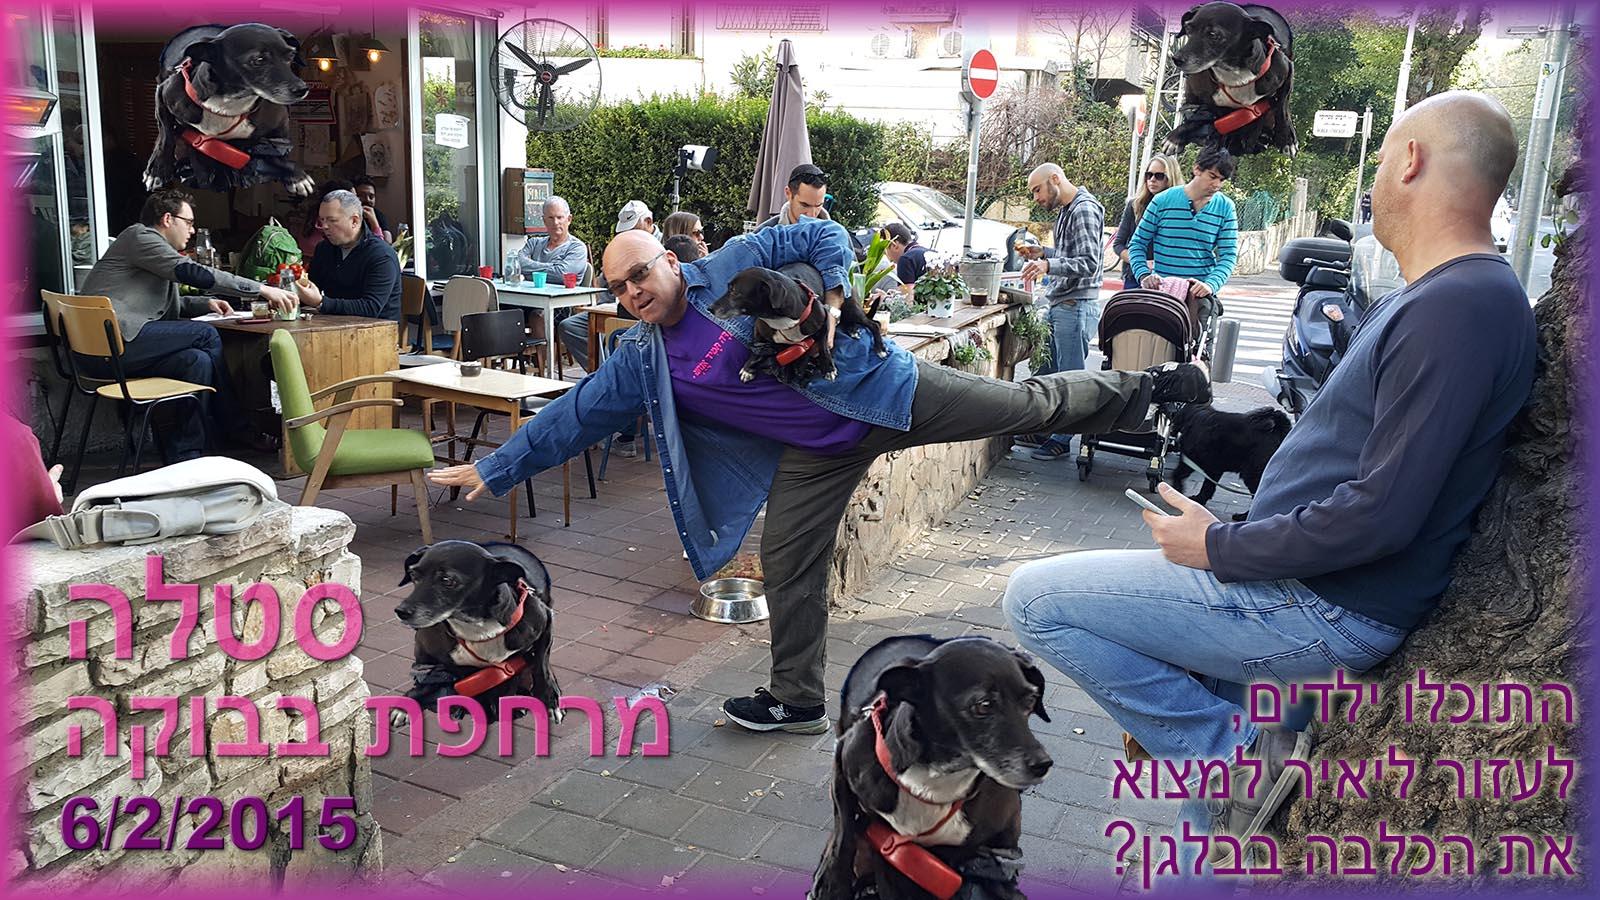 יאיר דיקמן אוירון בוקה